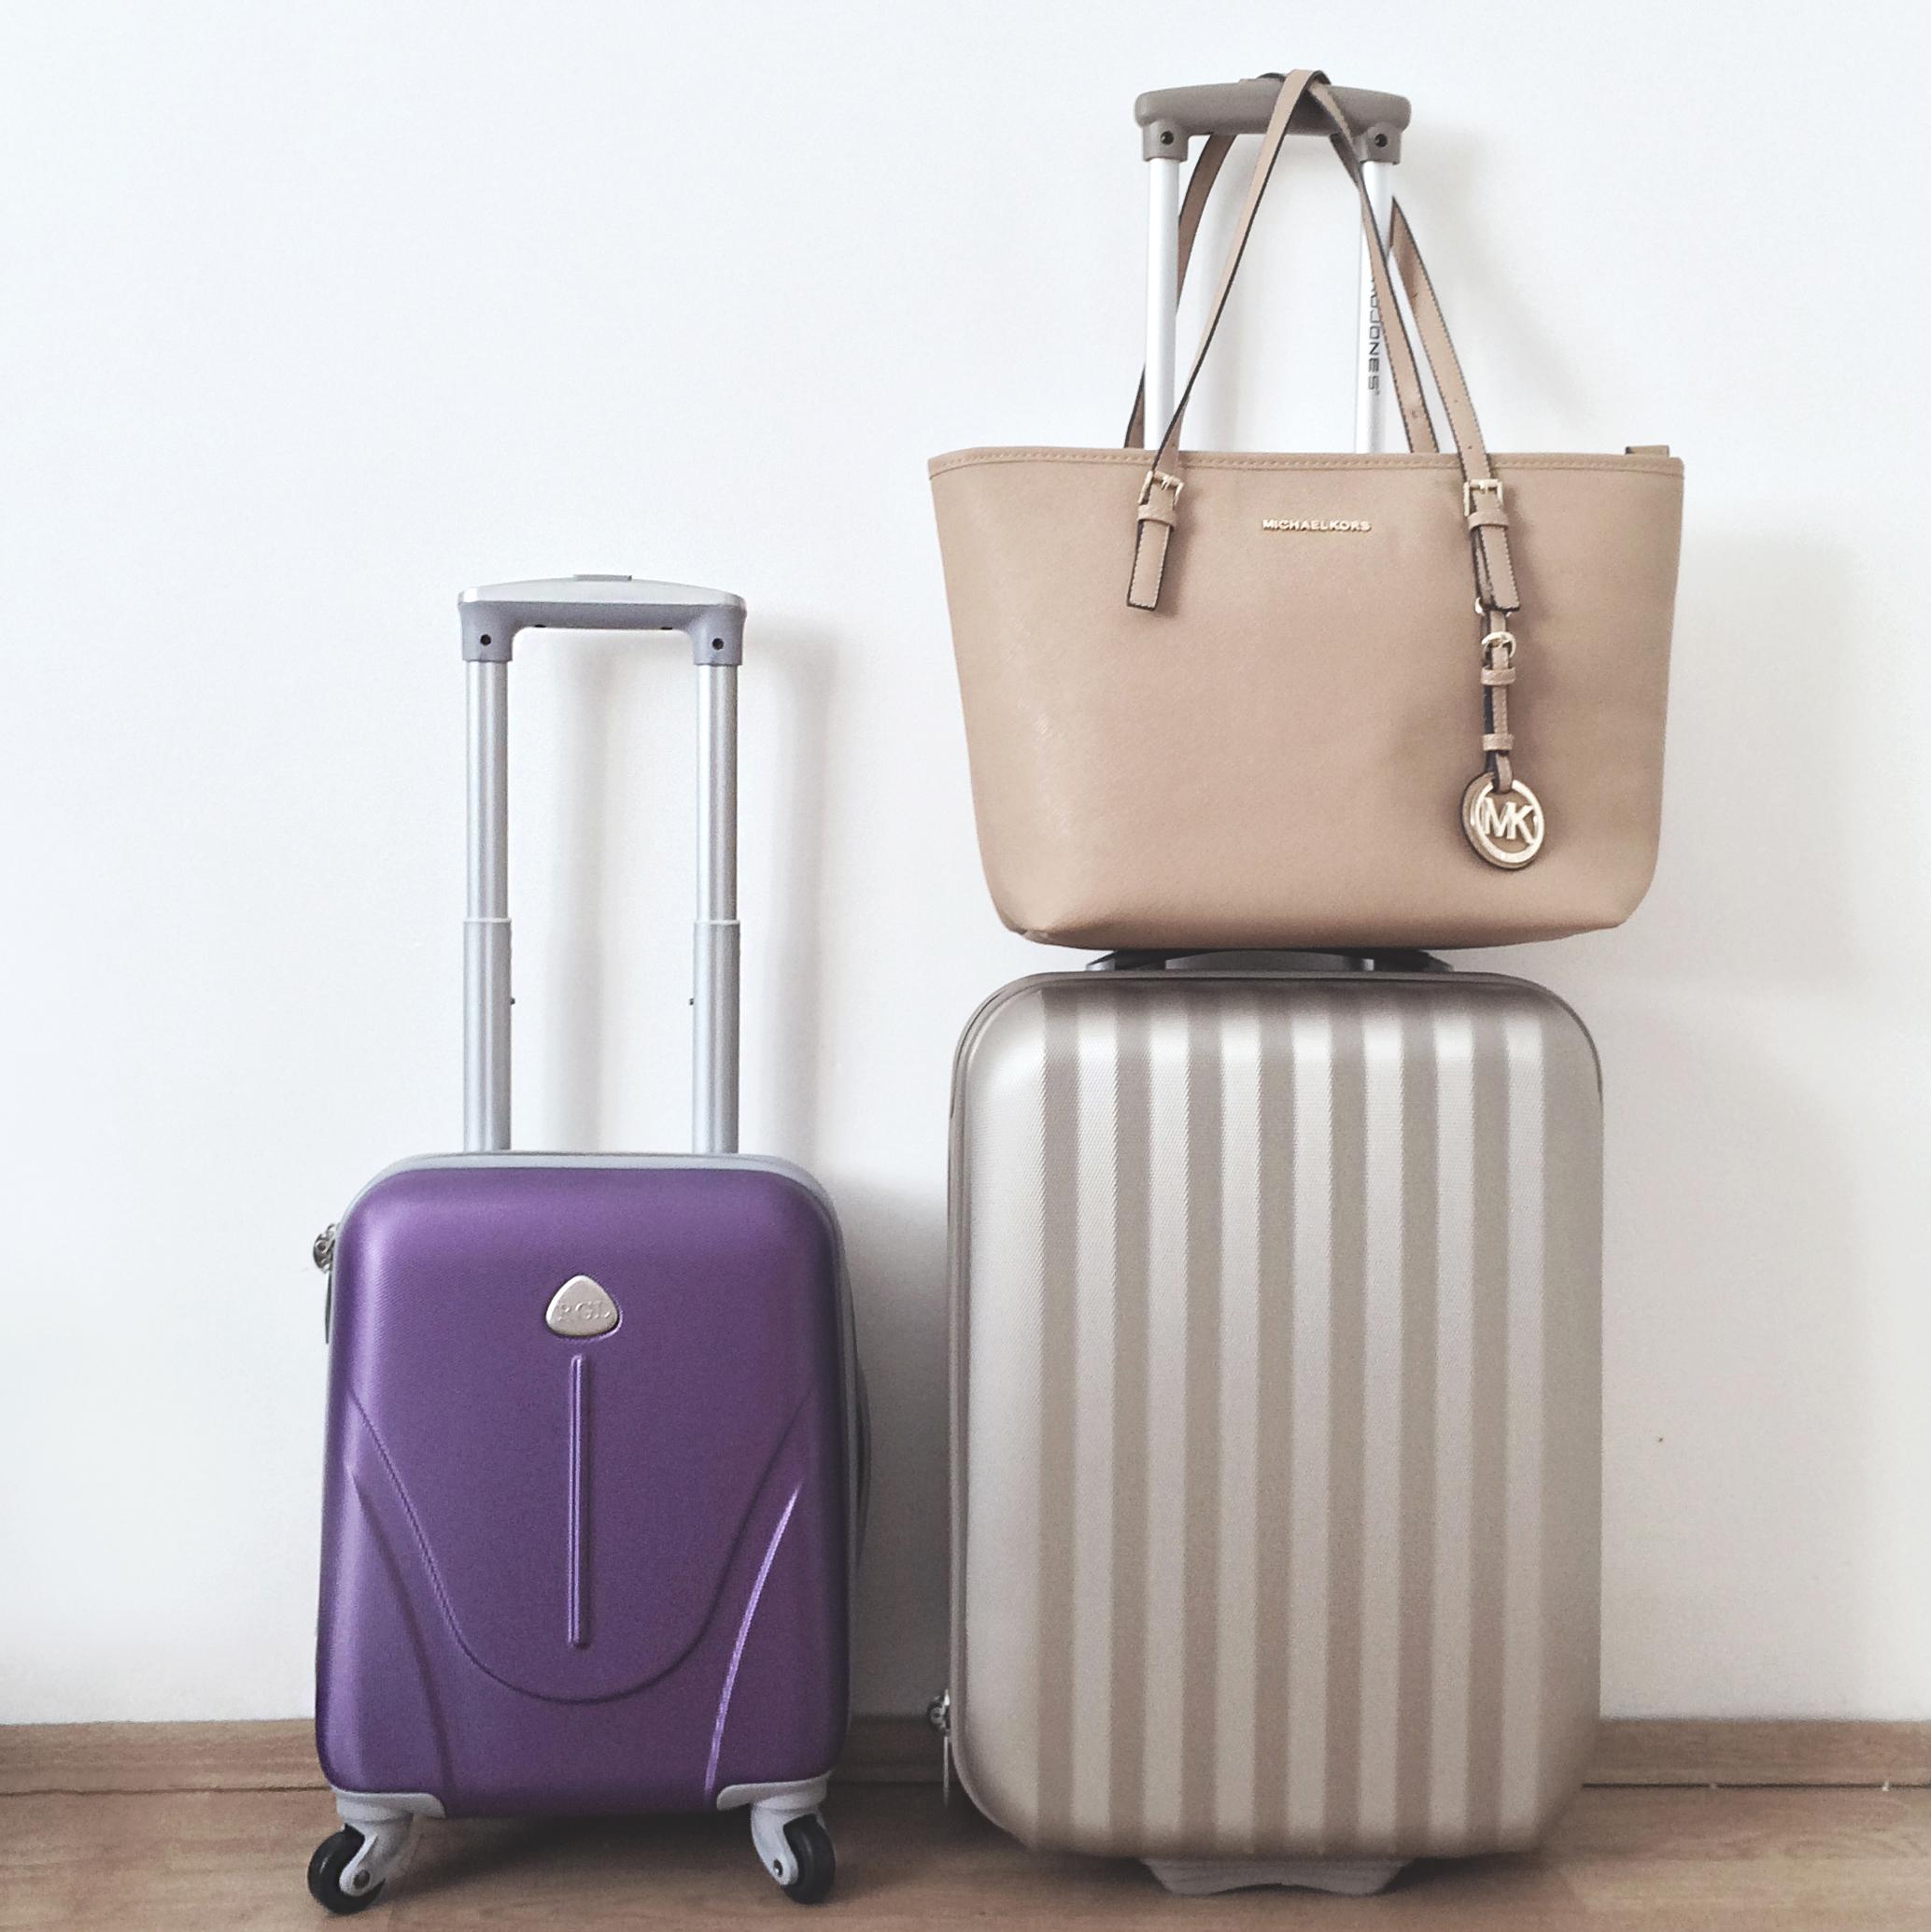 Suitcase - wizzair vs. ryanair